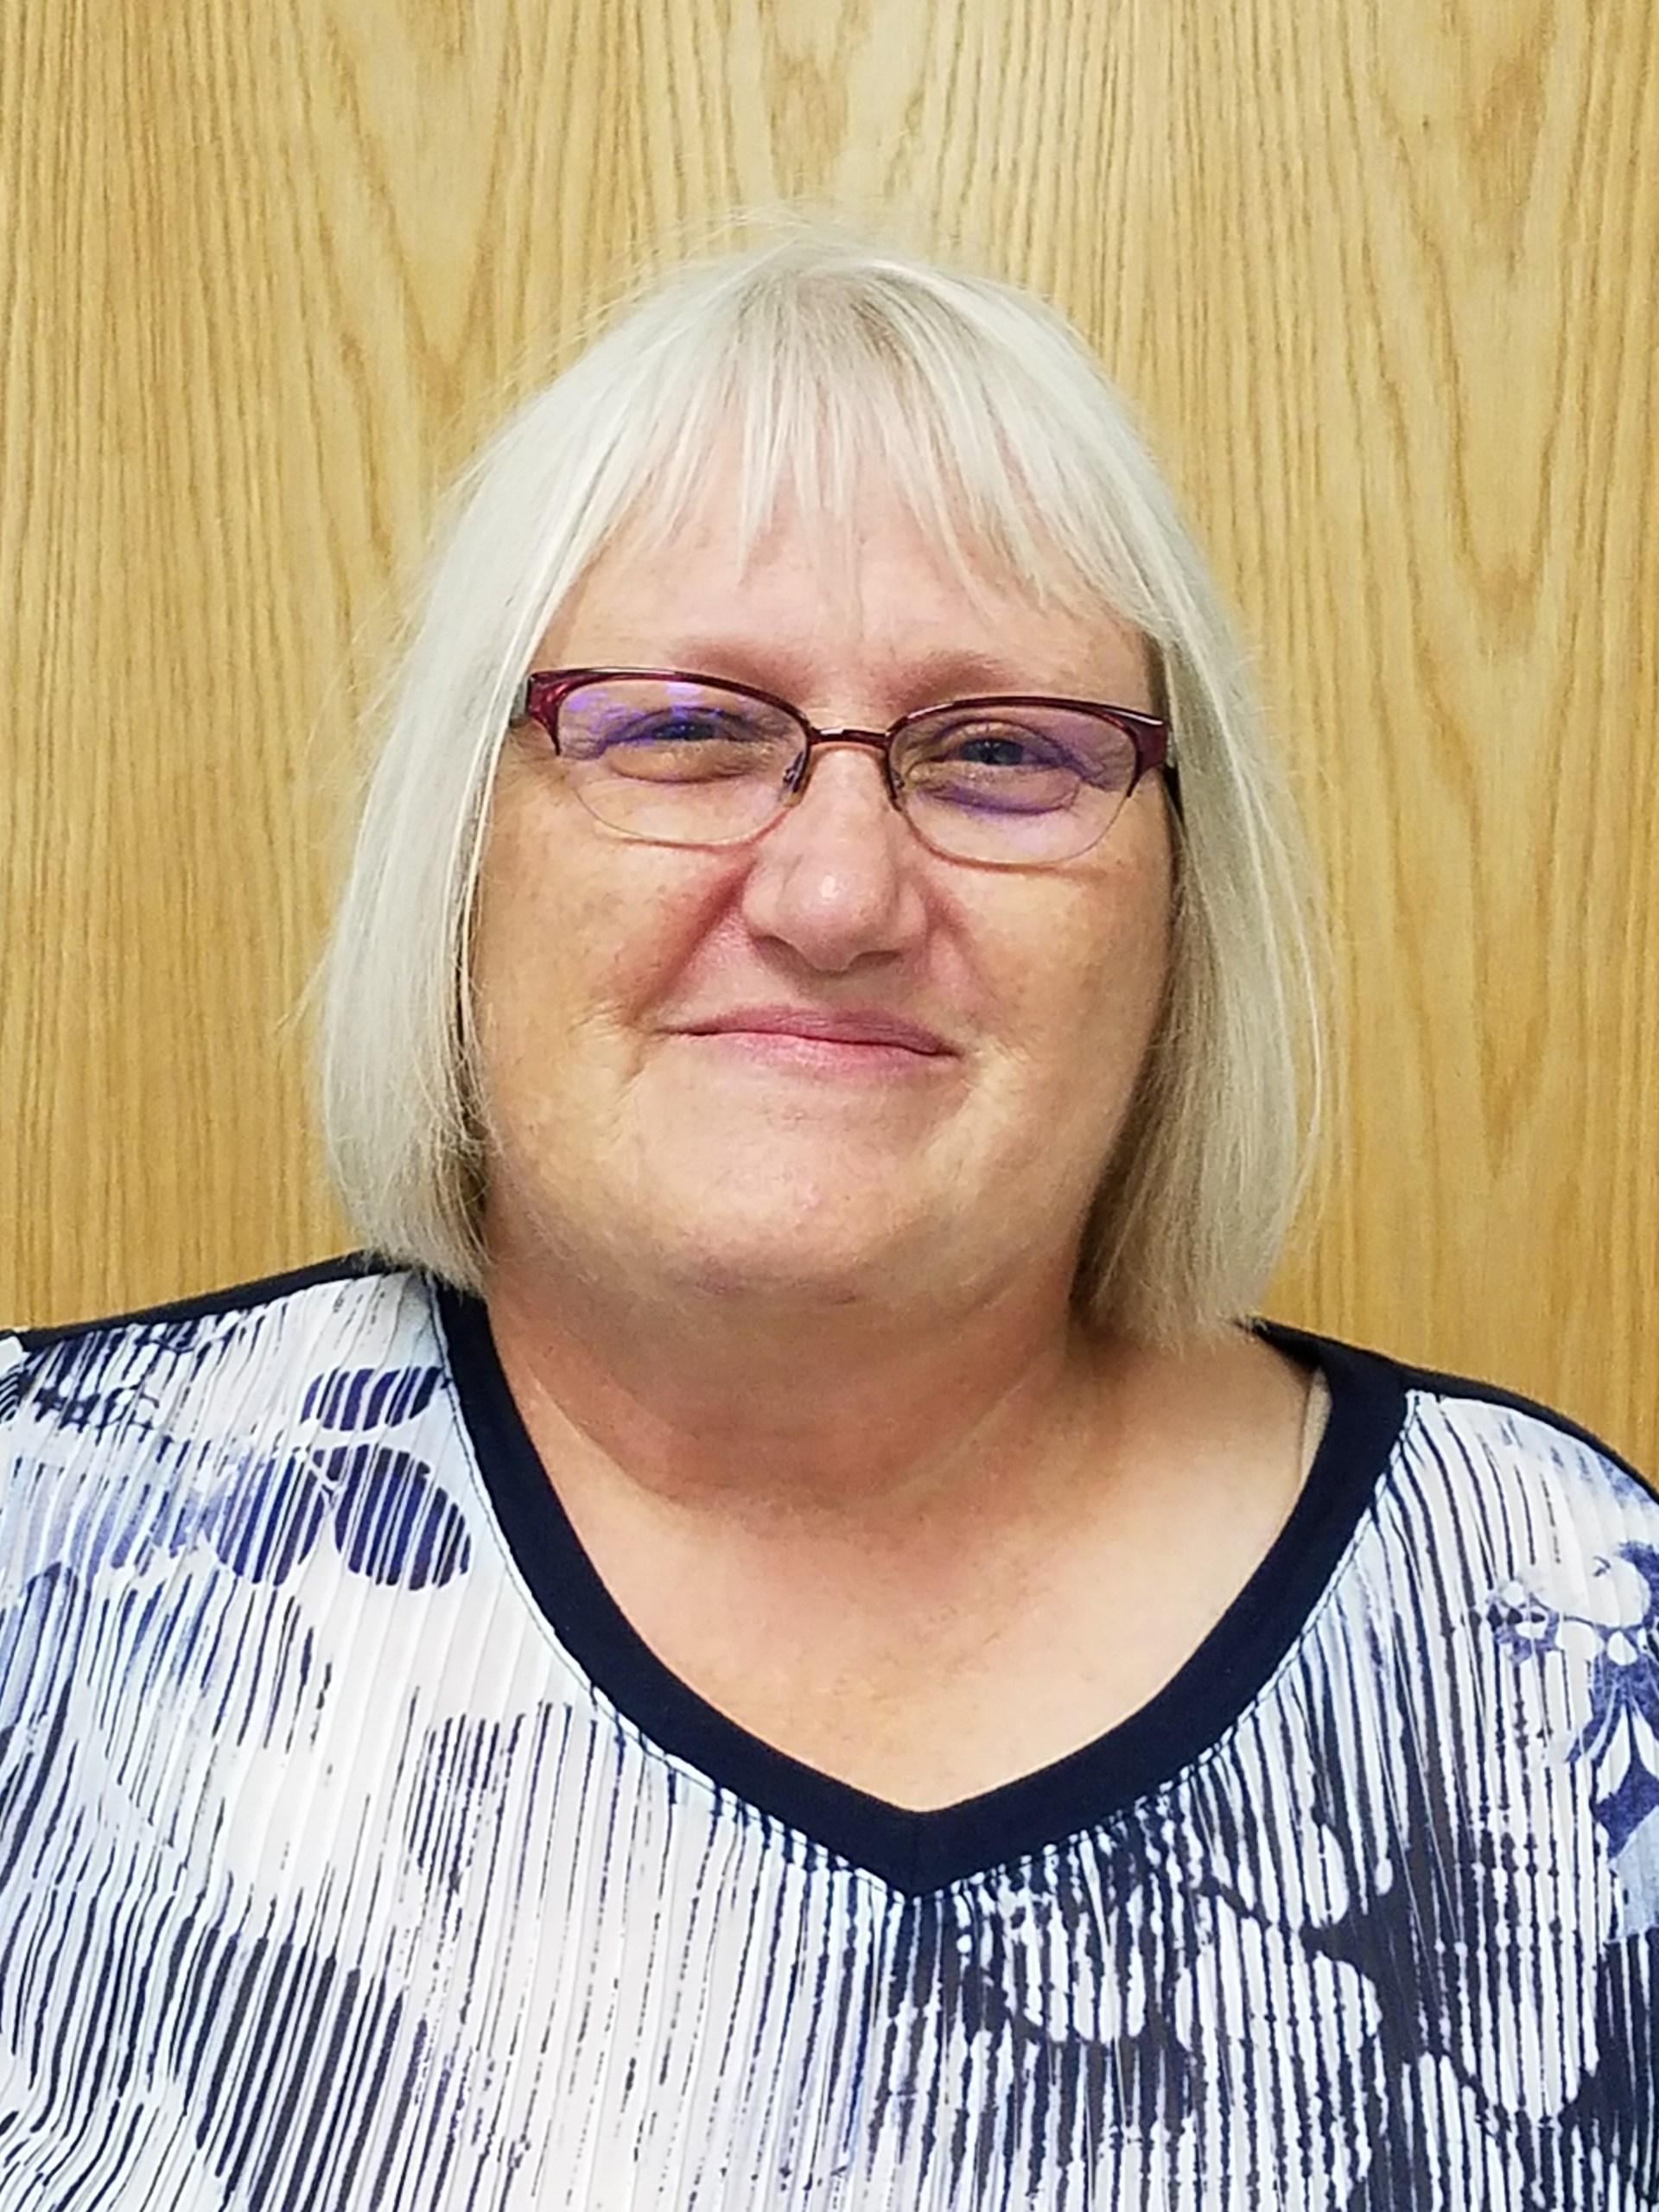 Mrs. Goyings